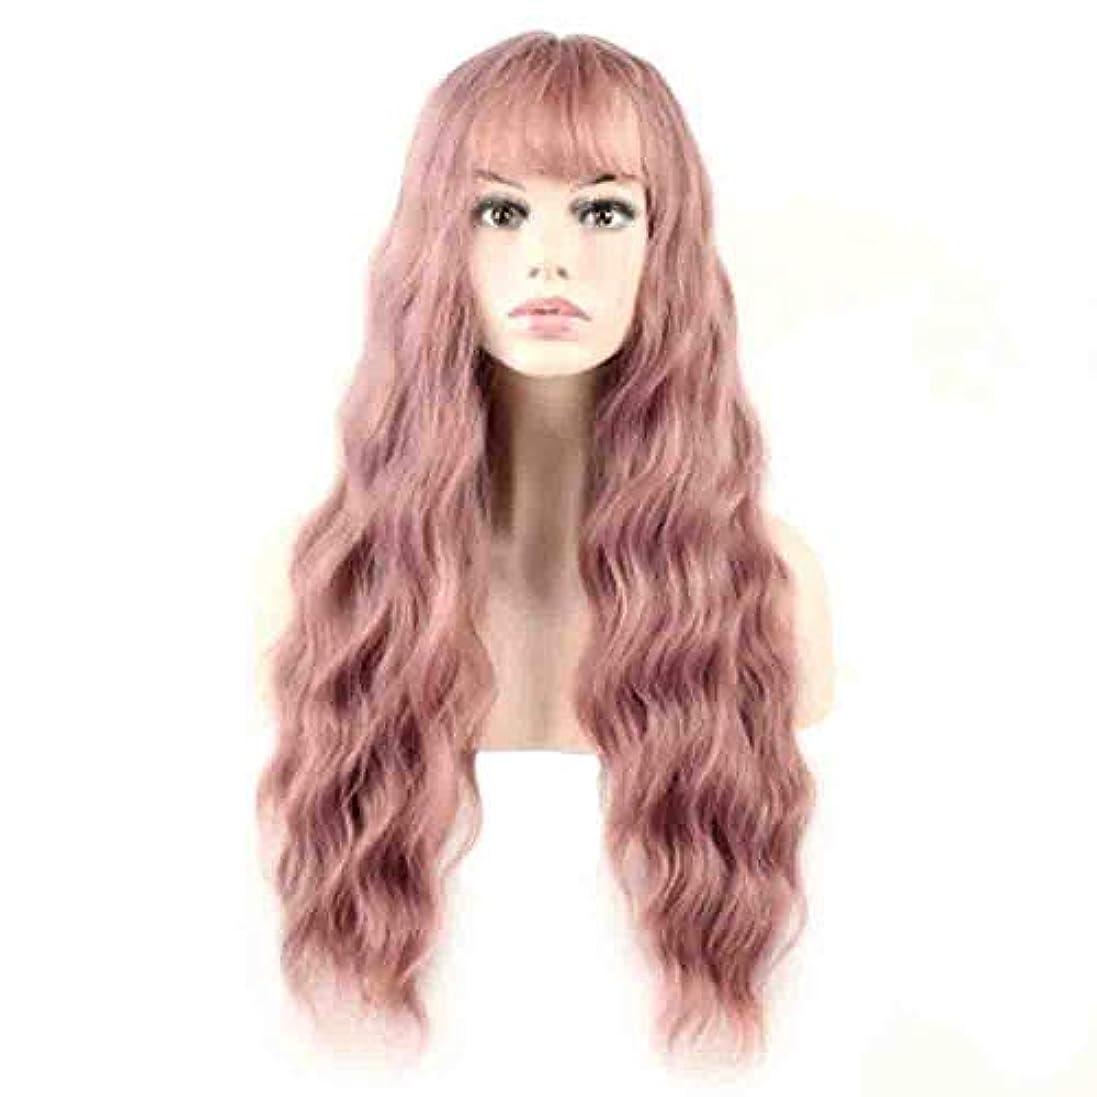 ジム対応微妙女性のための色のかつら、ポニーテールのロリータカーリーコスプレウィッグ、高密度温度合成ウィッグコスプレヘアウィッグ、耐熱繊維ヘアウィッグ